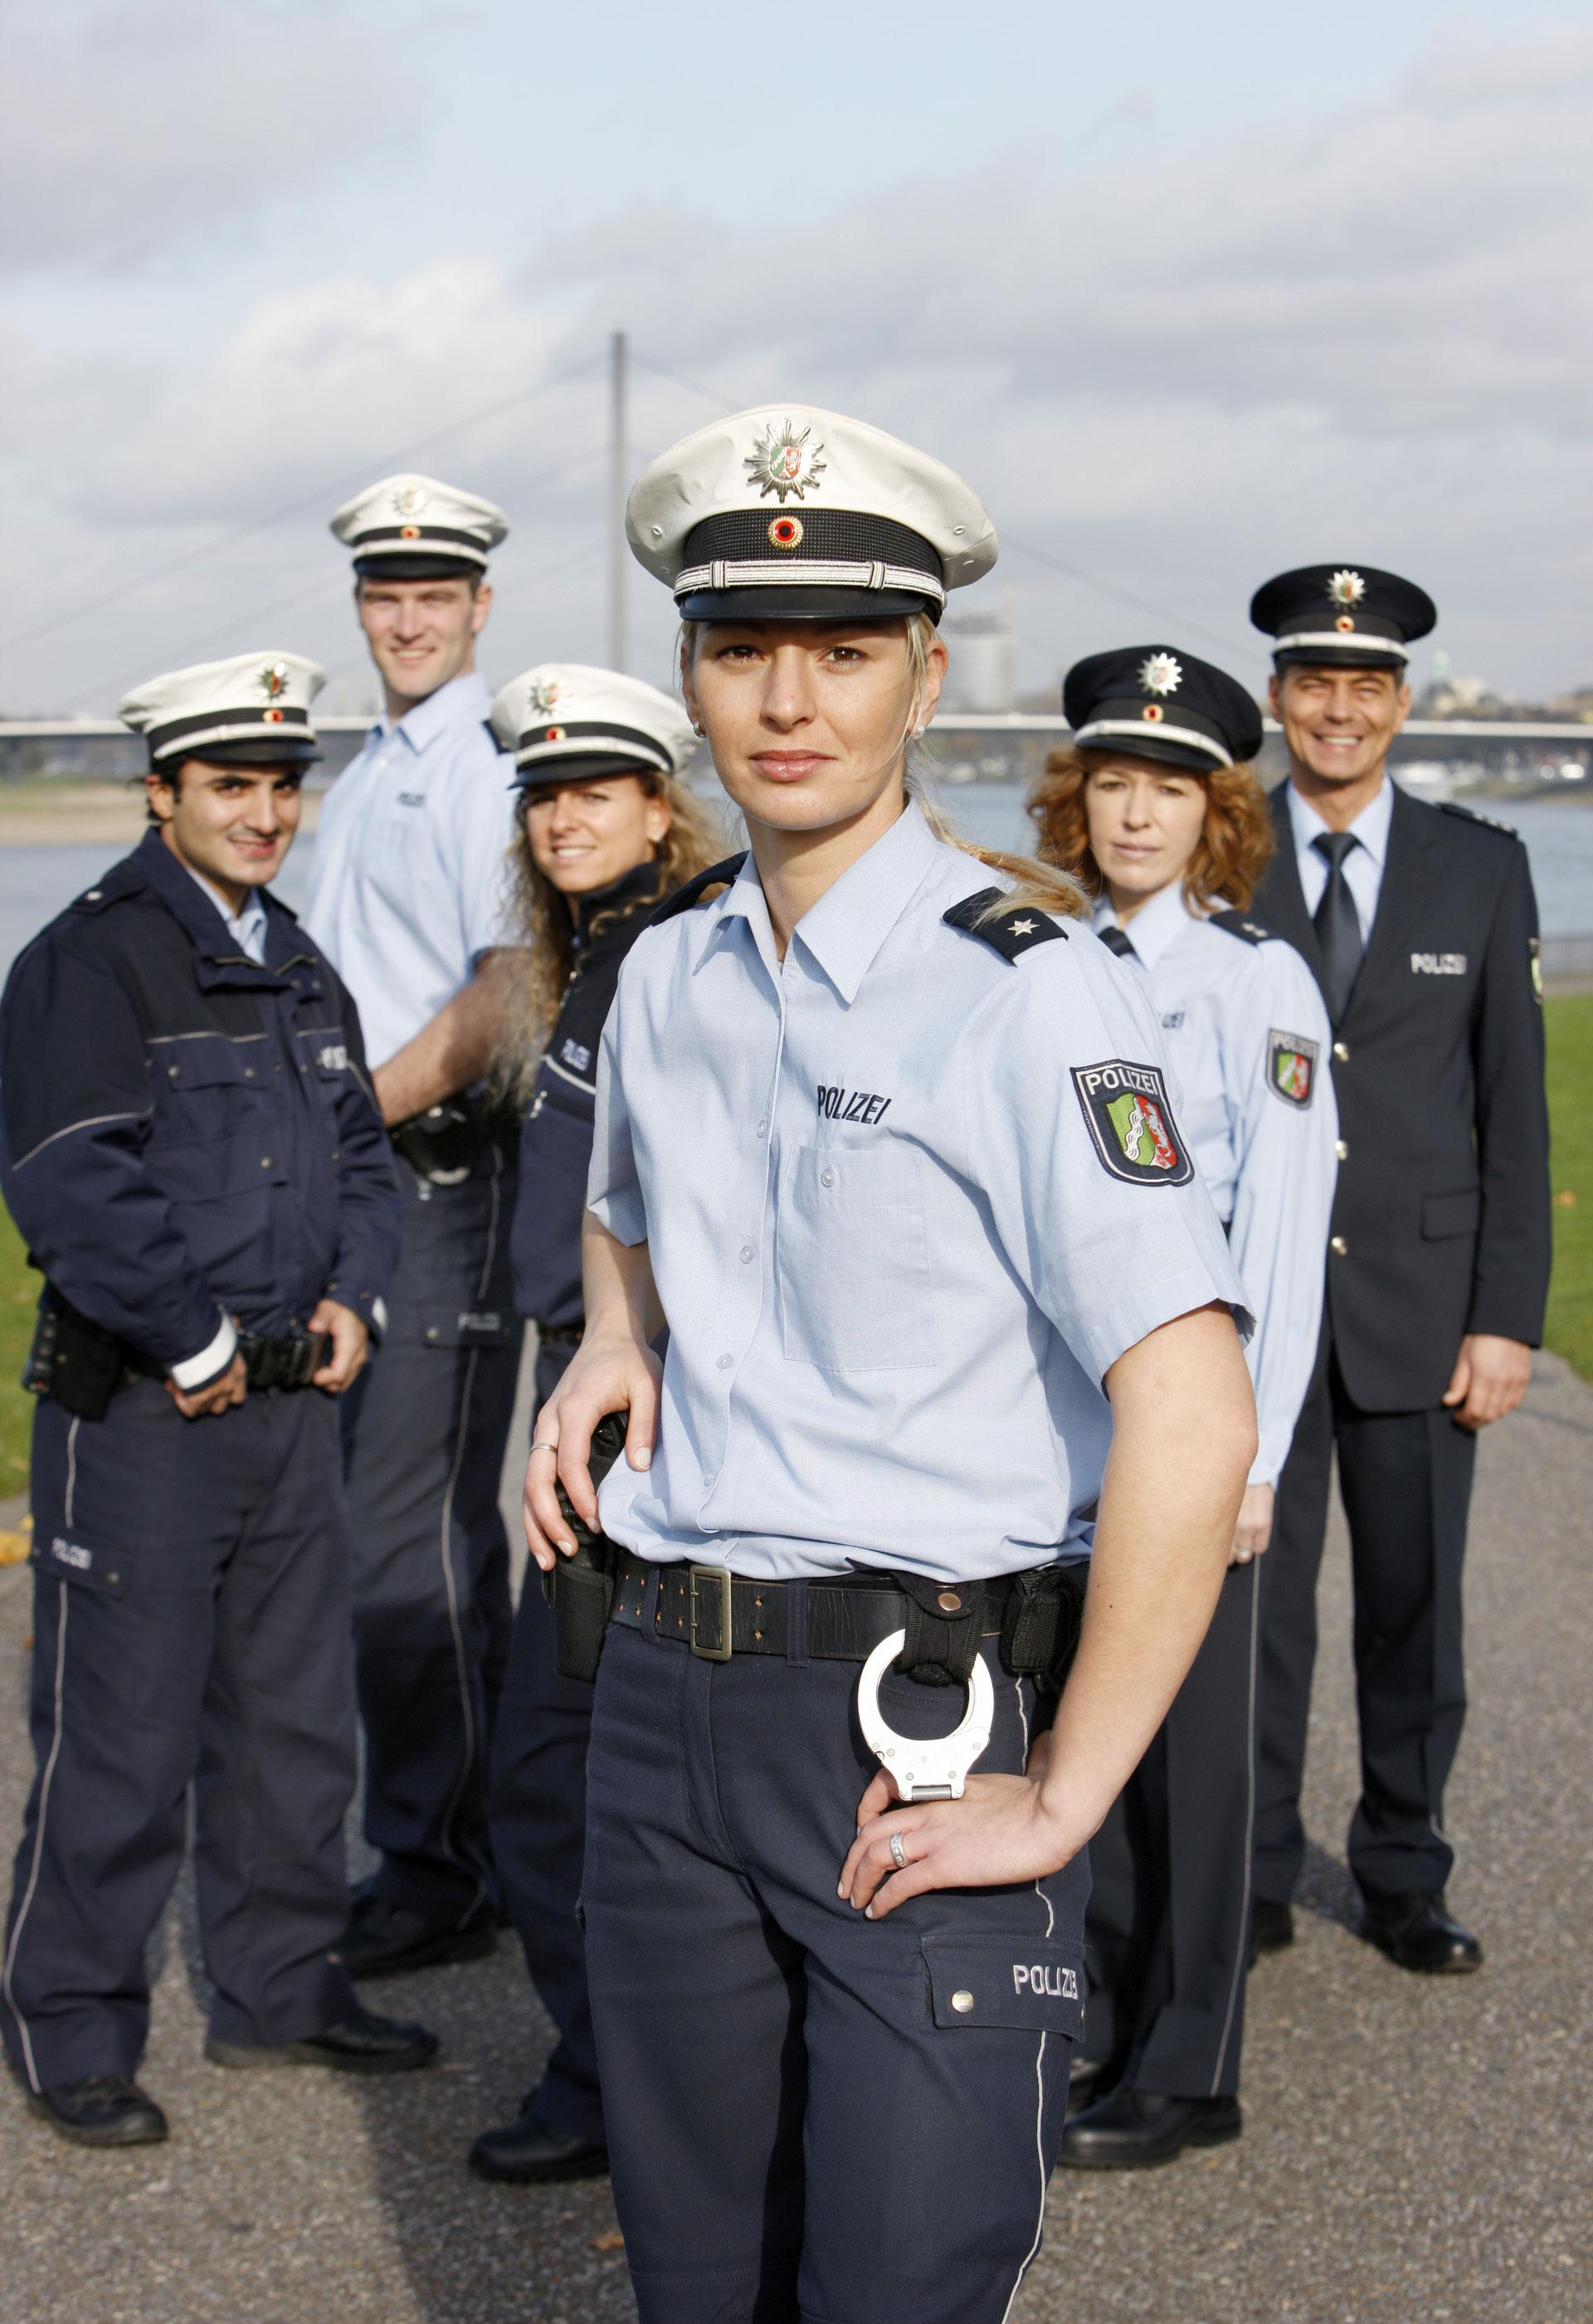 Polizeigeschichte NRW 2000er Jahre  Polizeigeschichte